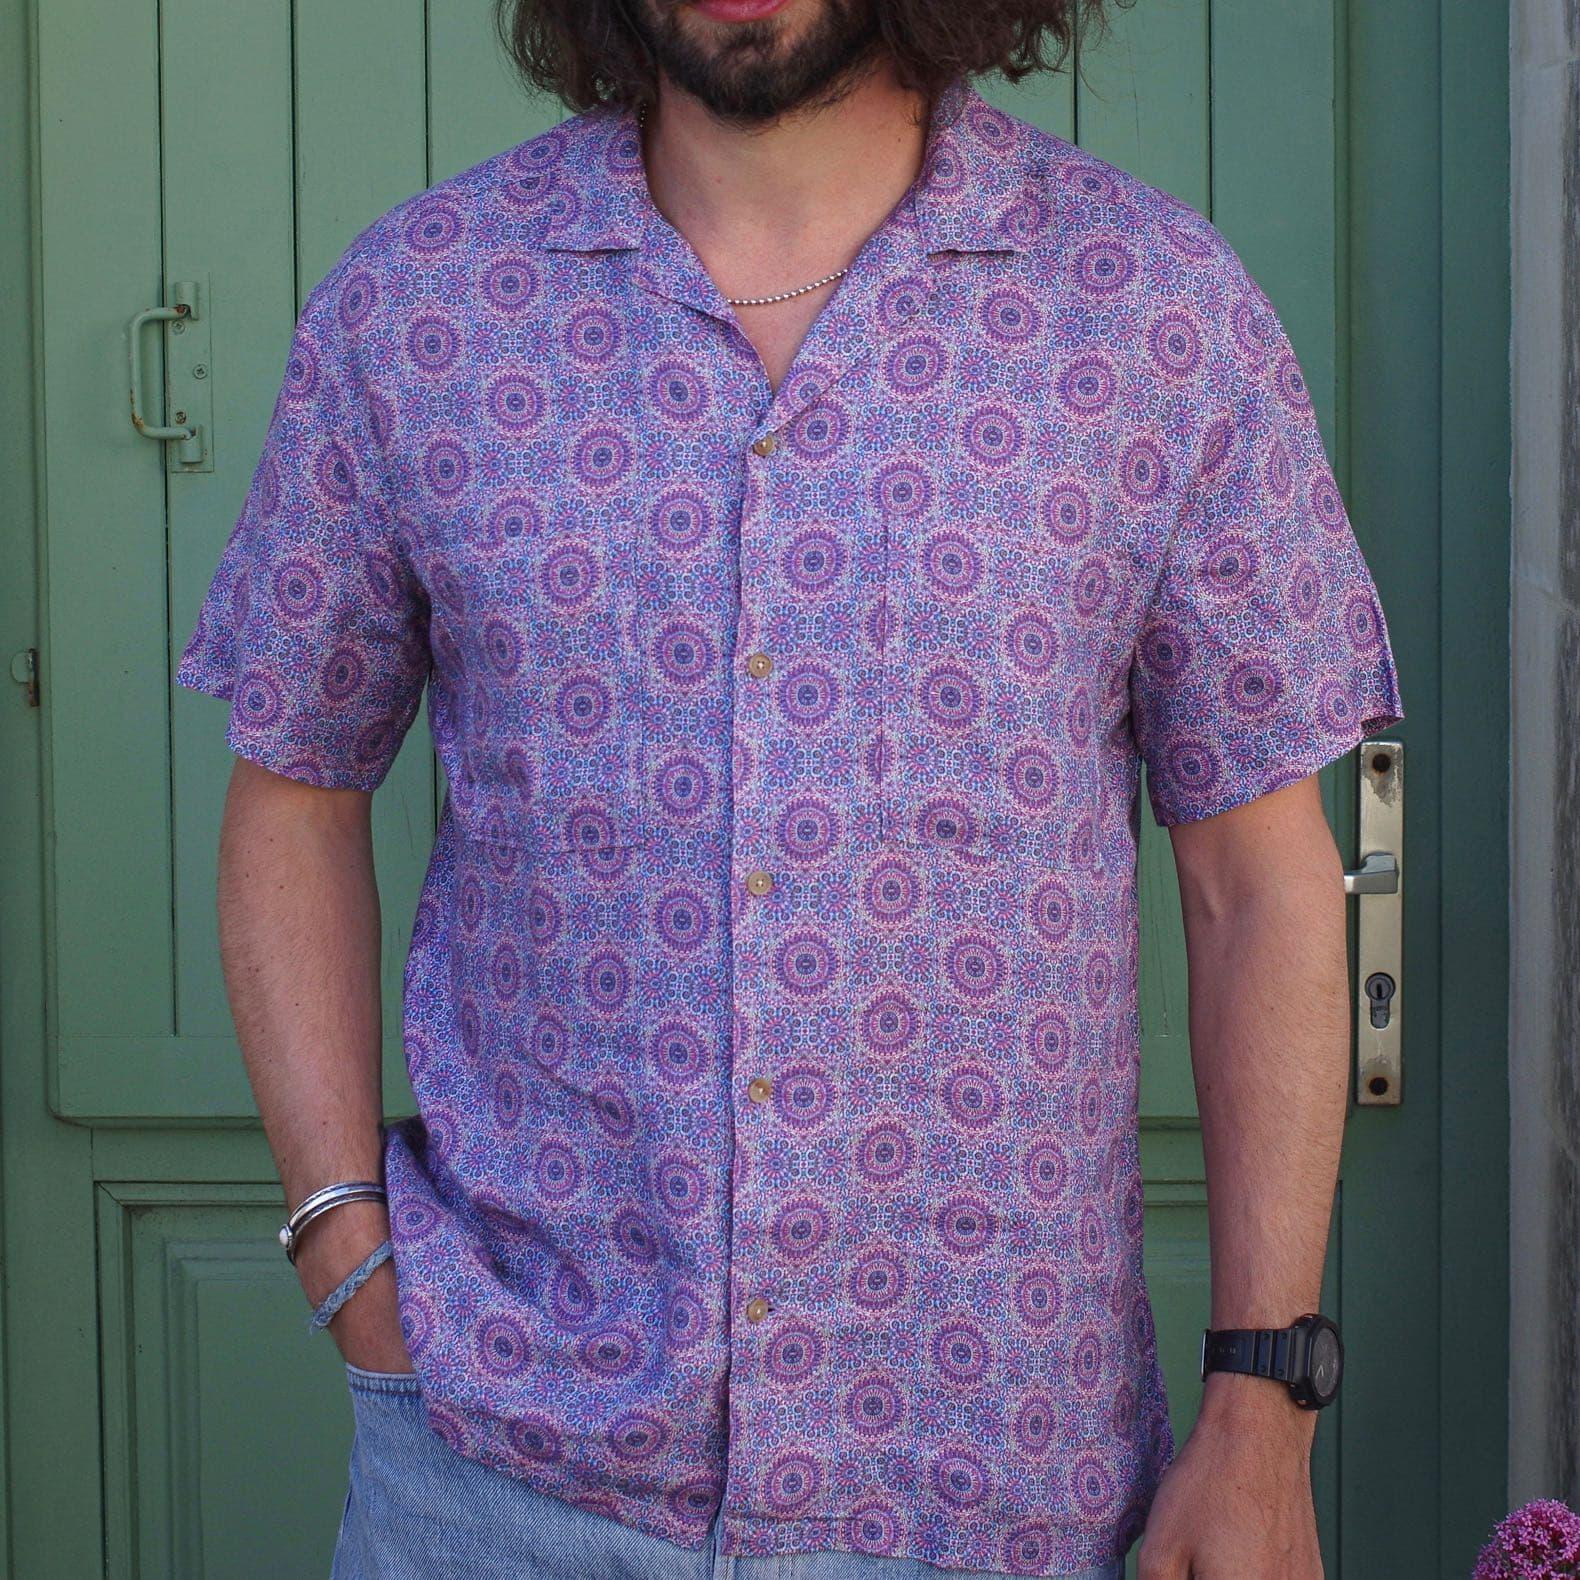 chemisette lin motif psychédélique Histon